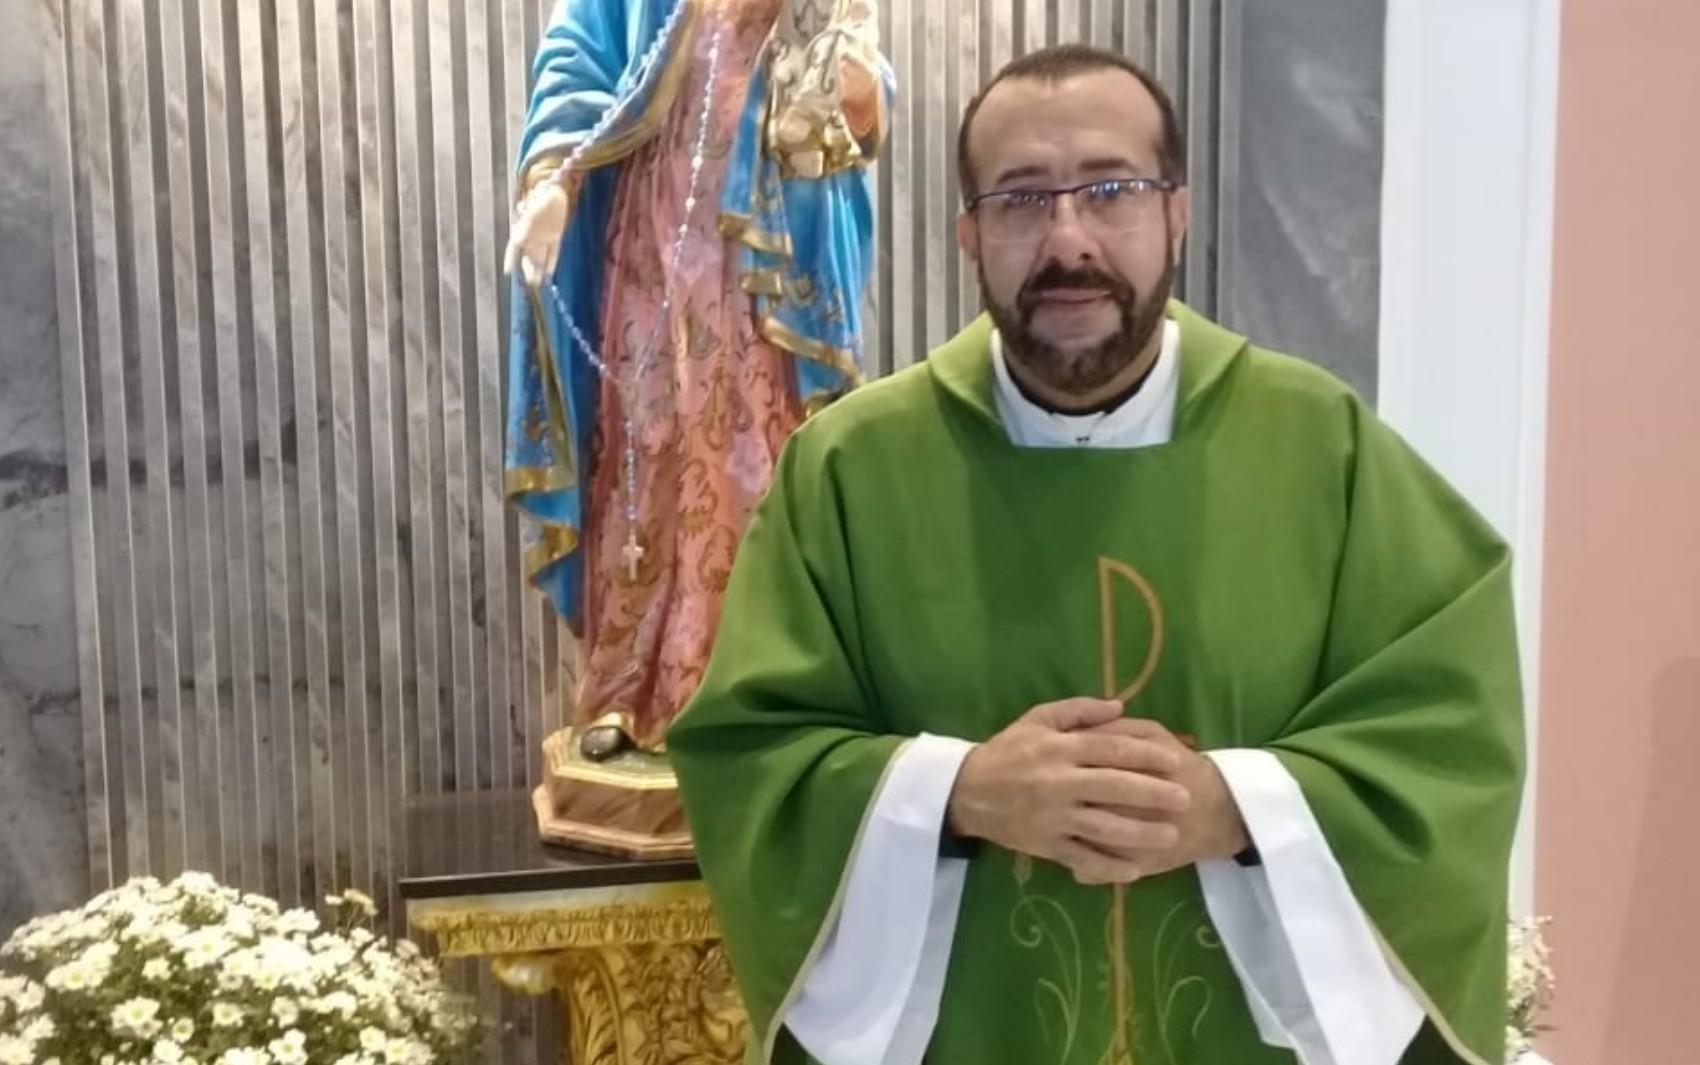 Bispo fala em missa sobre padre preso suspeito de estuprar jovem em Goiás: 'Para o delituoso, a justiça'